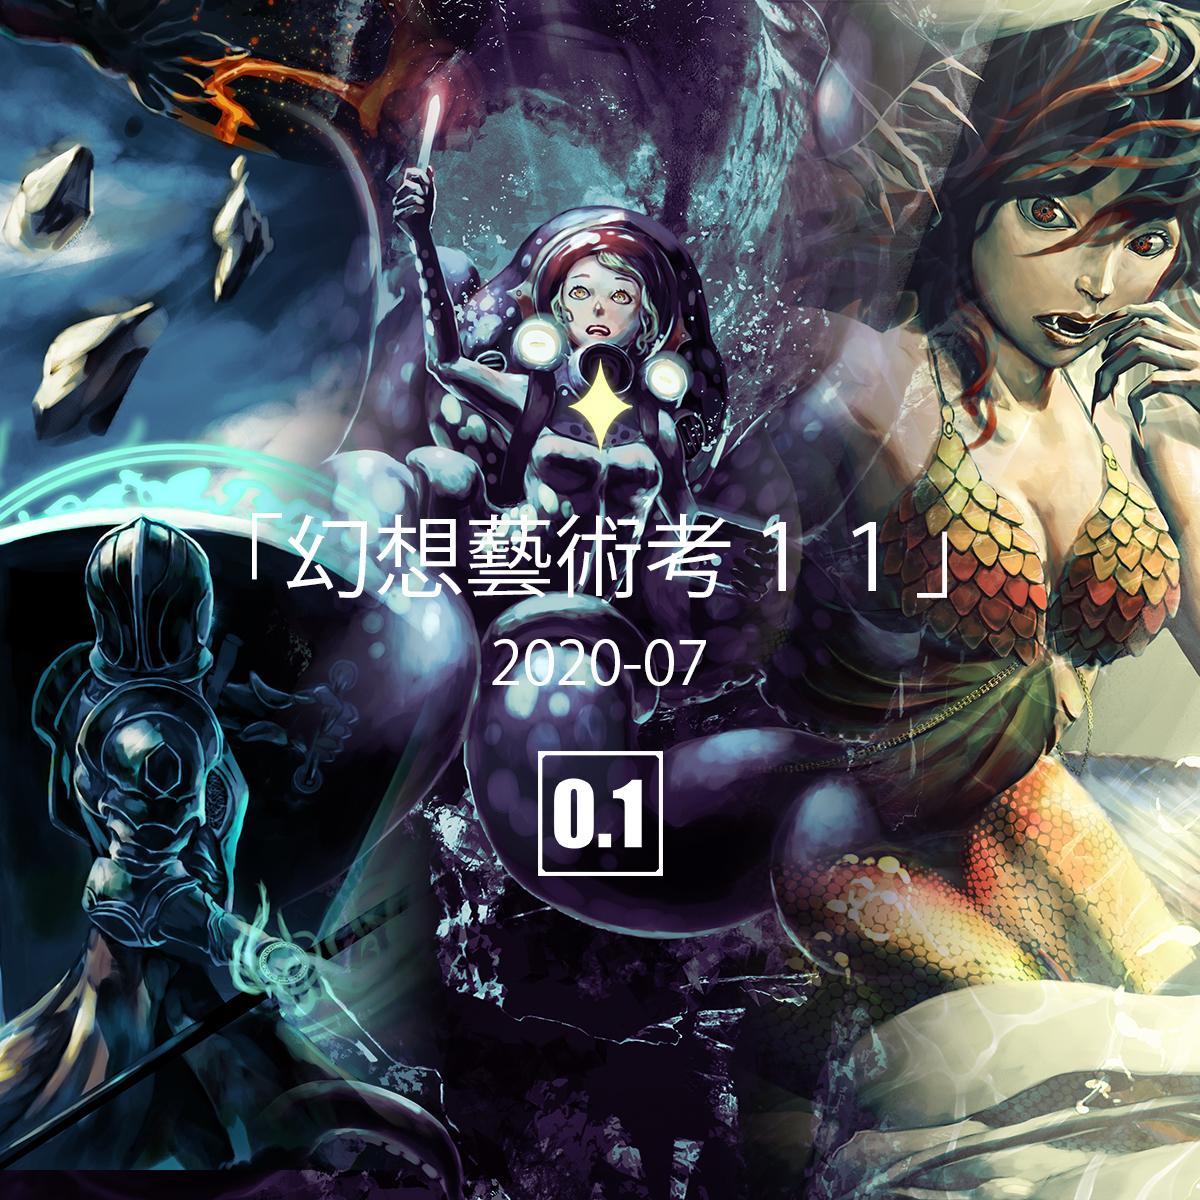 【本展終了】「幻想藝術考11」展開催中へ参加しました。【2020年07月14日(火)~京都・東山】